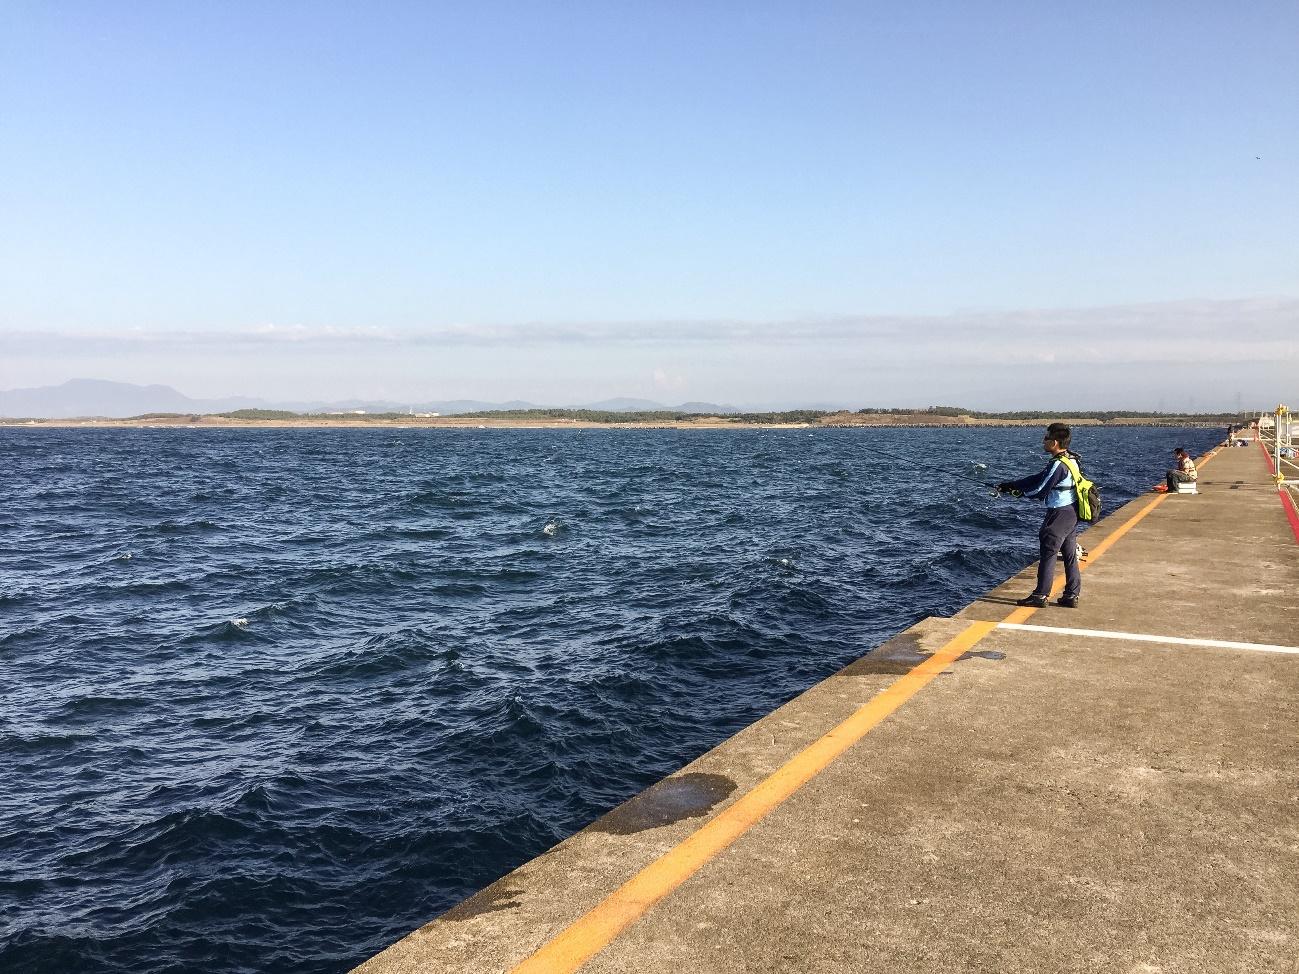 オスカー釣り部初めての遠征で直江津港への画像